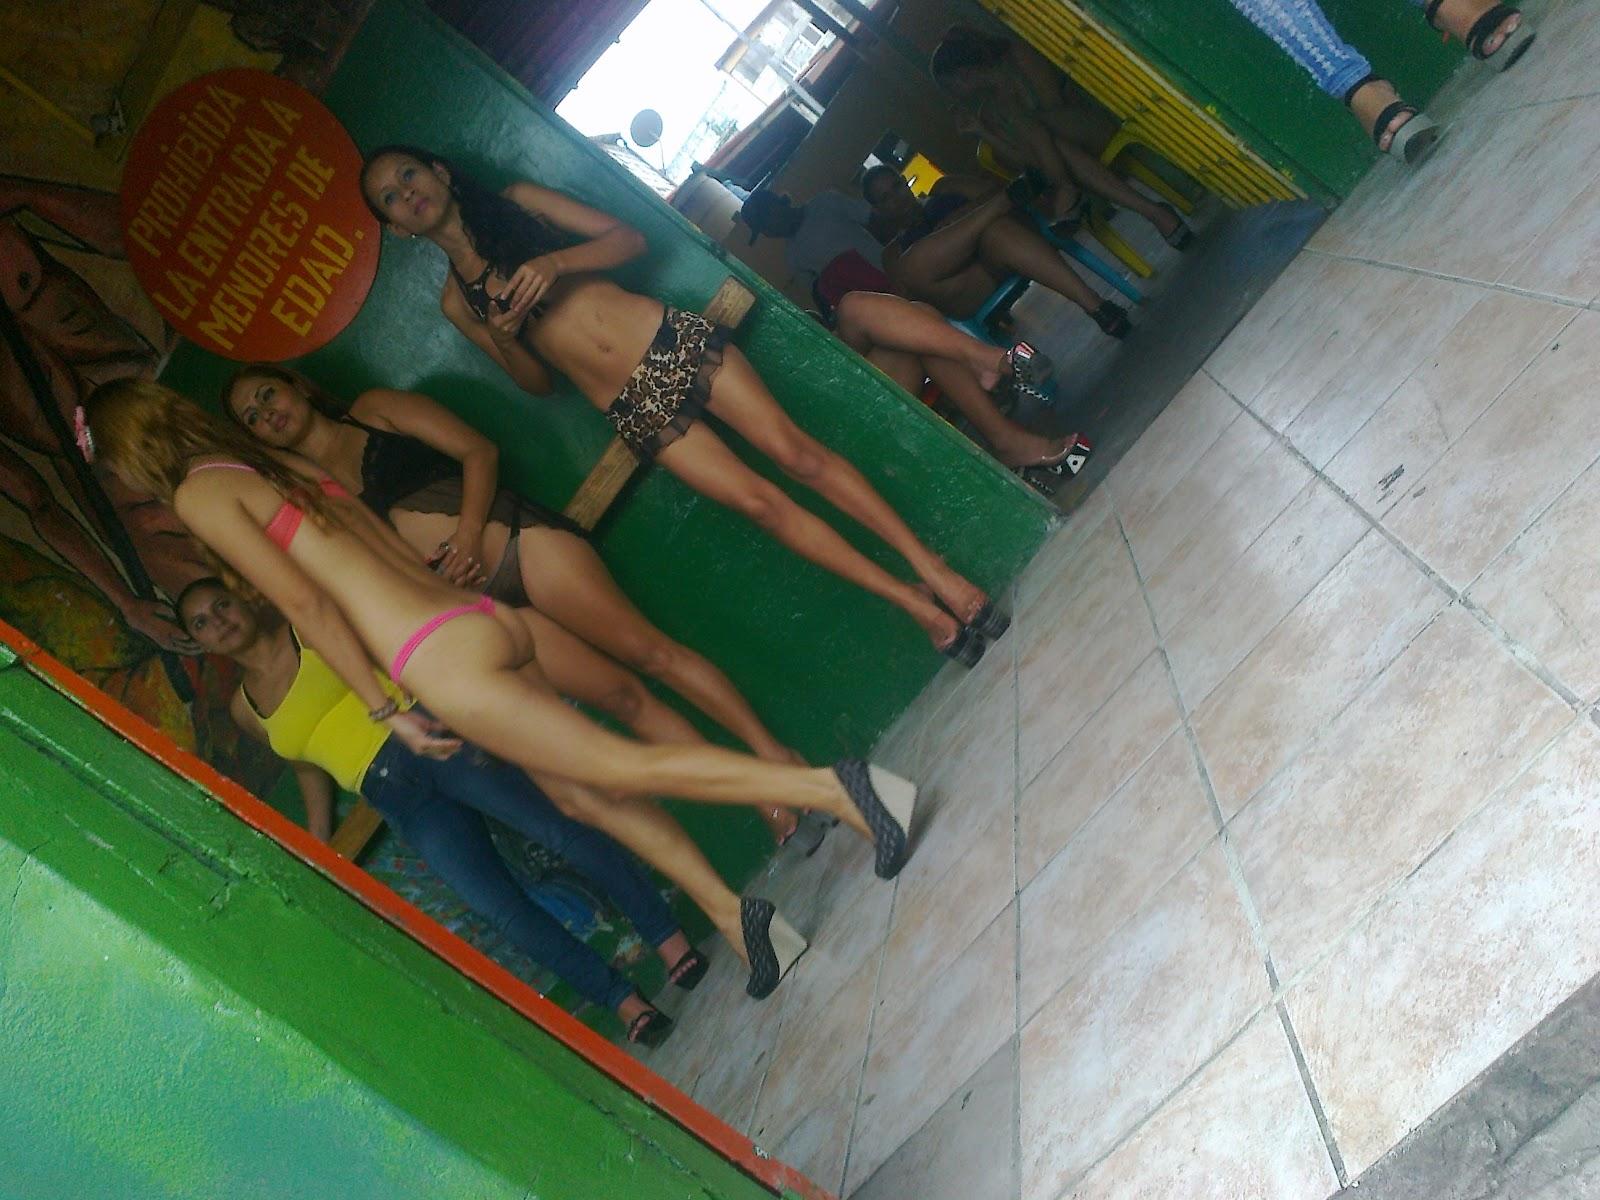 prostitutas desnuda prostitutas en guayaquil